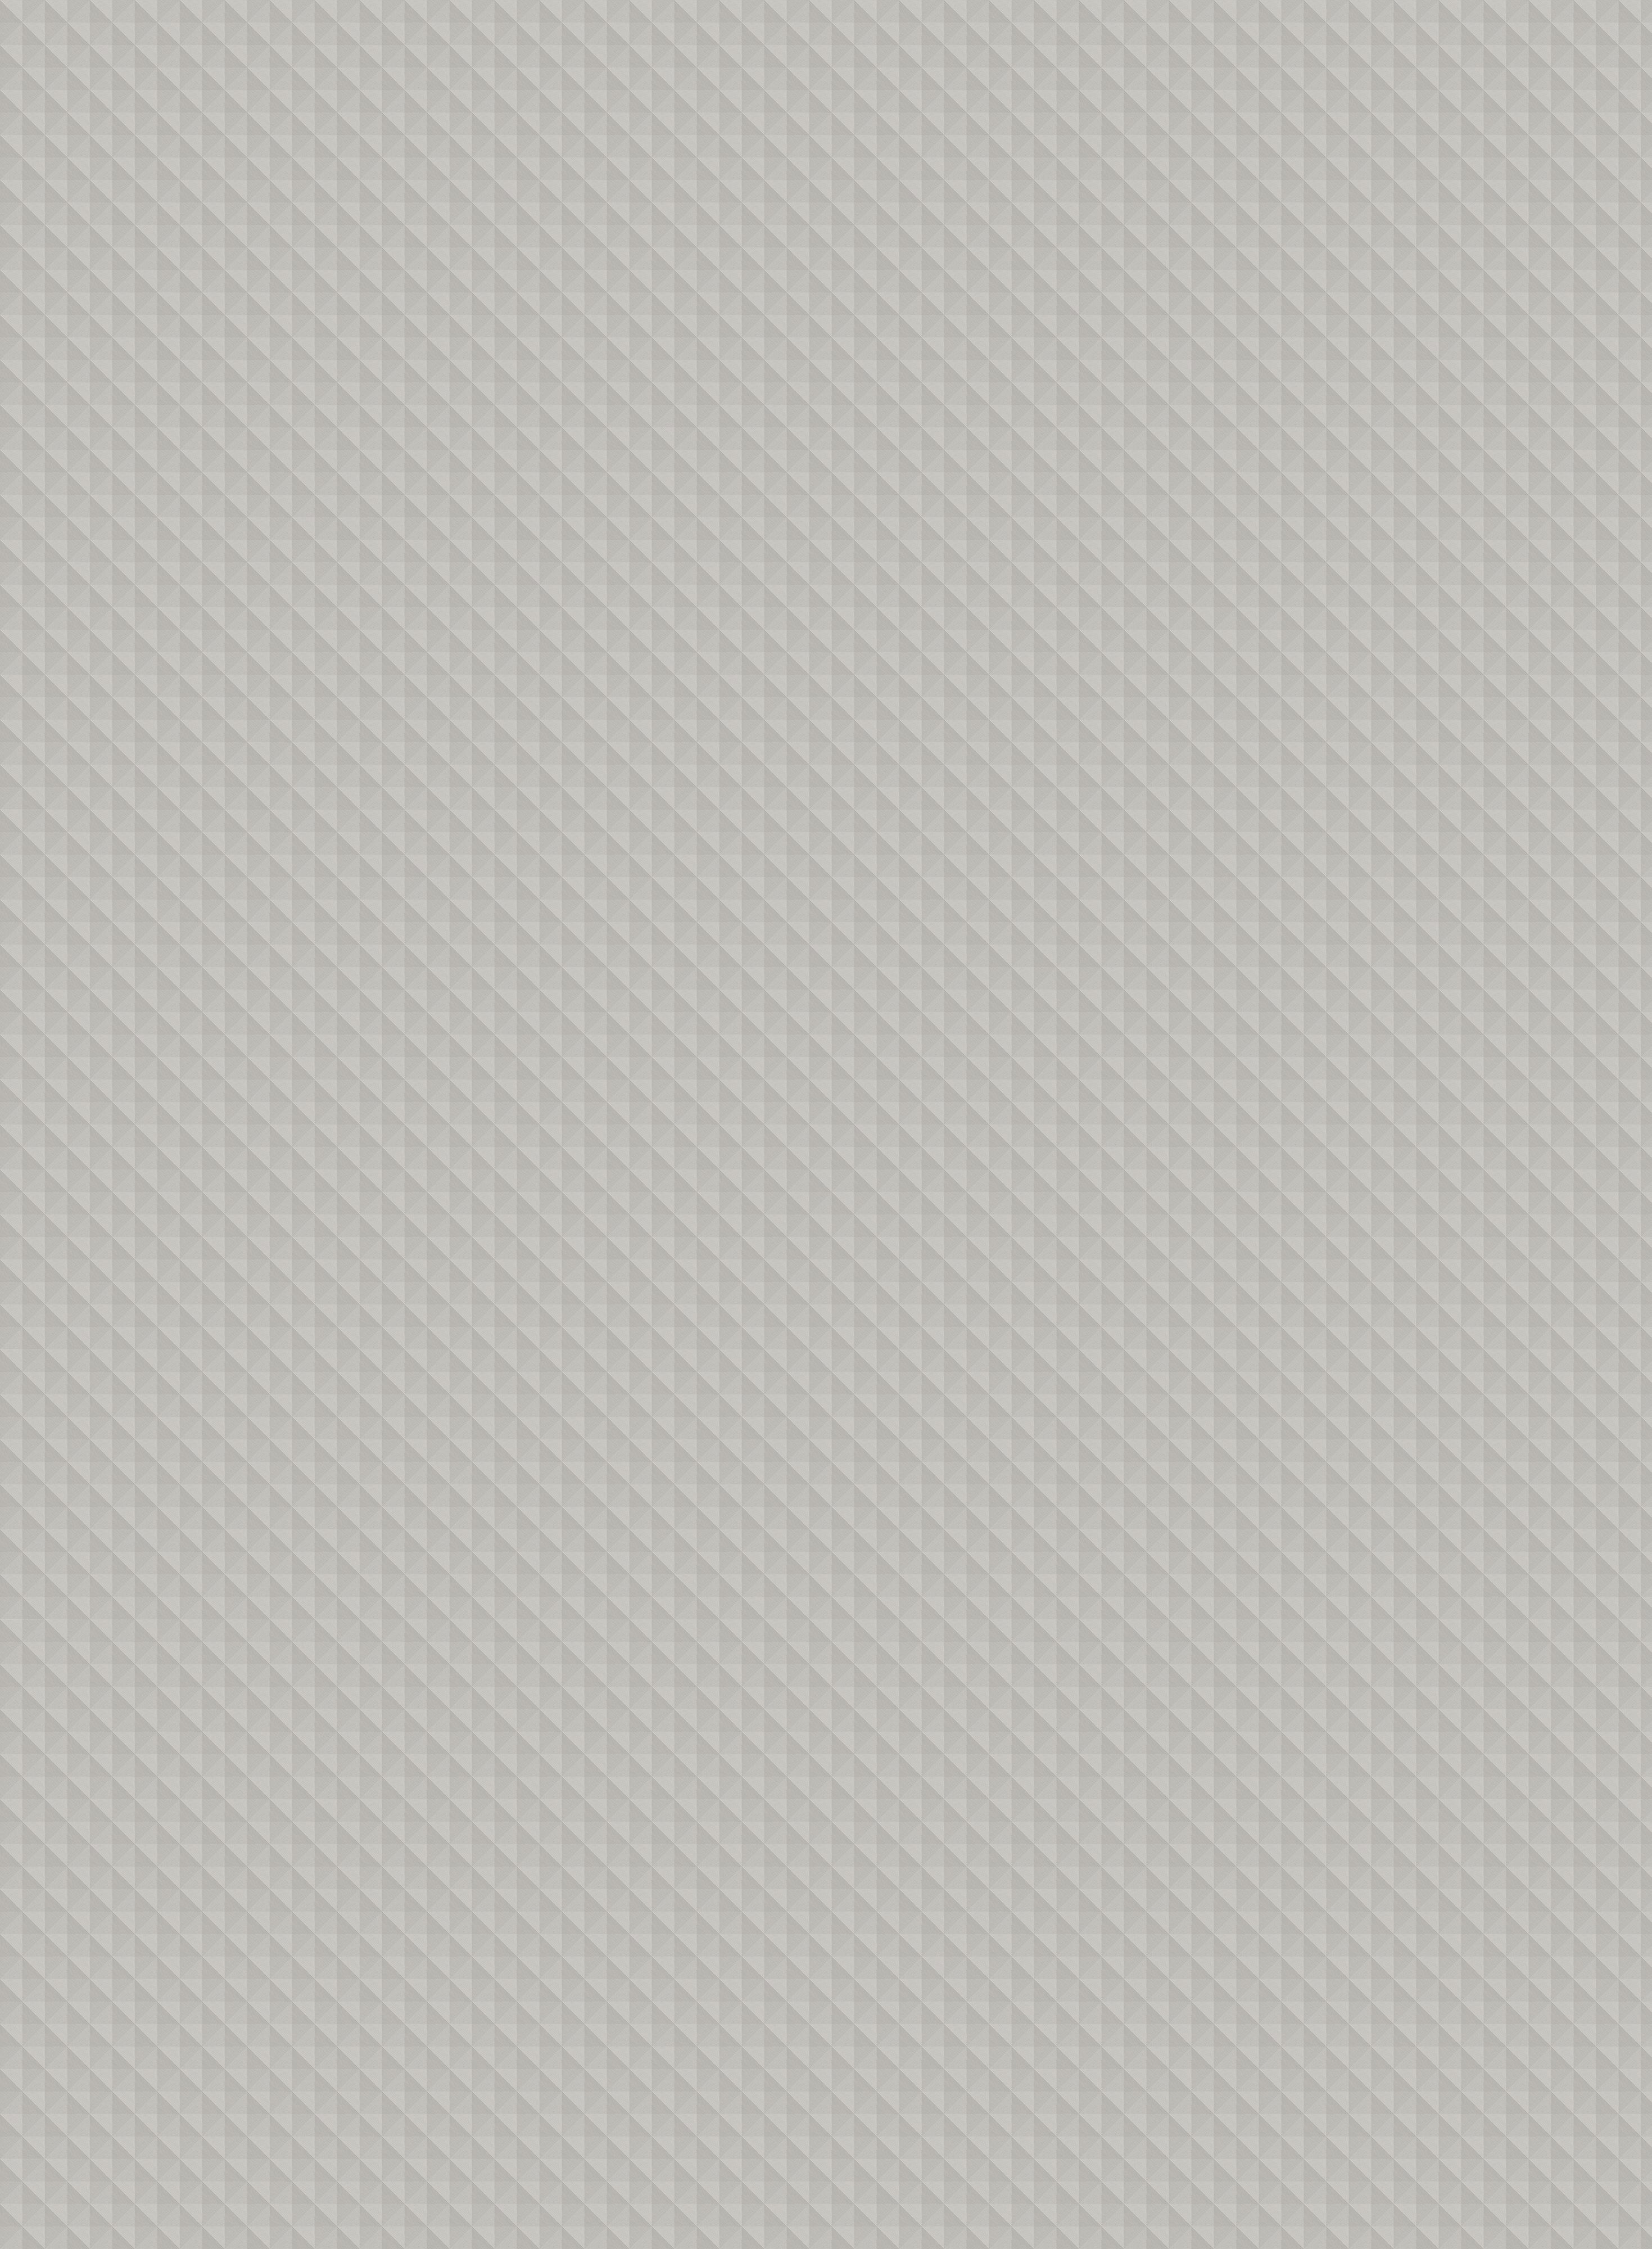 DecoLegno FB80 Cheope hele plaat afbeelding 2800x2070 mm / tekenprogramma